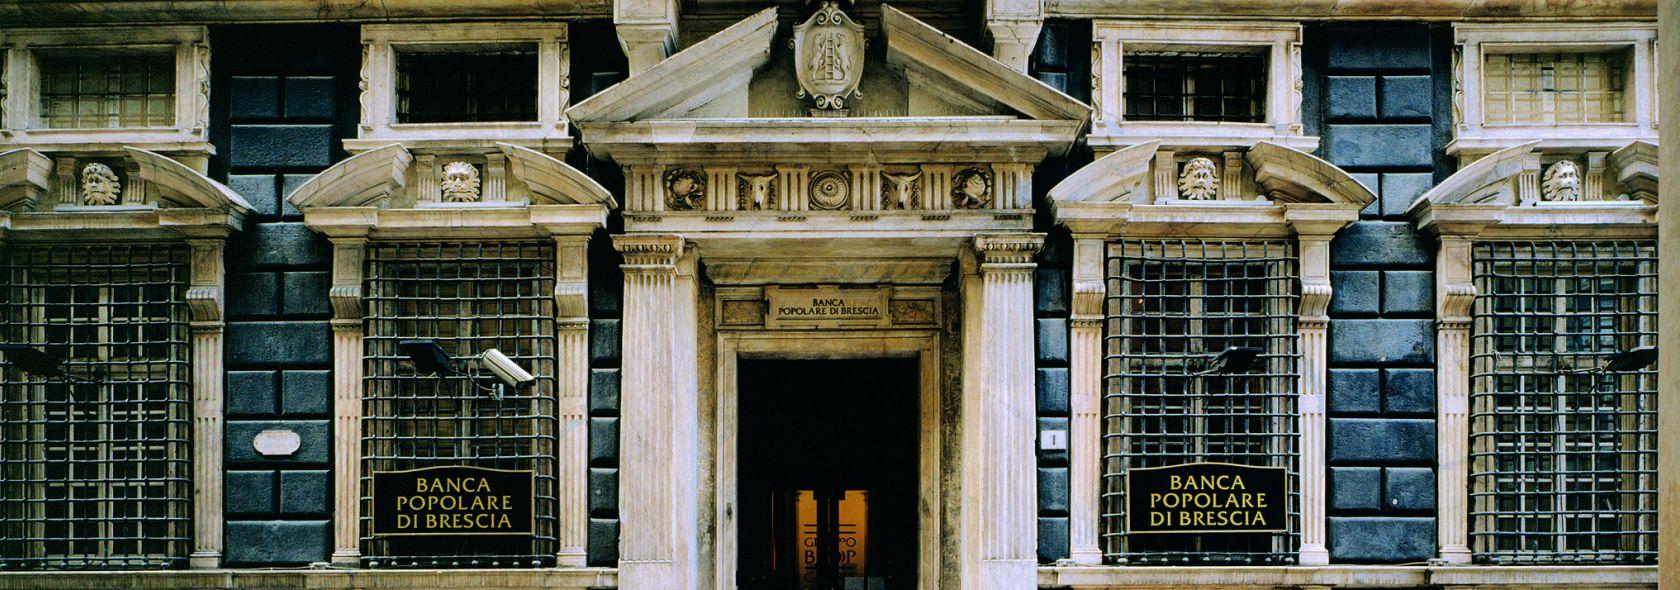 Palazzo Agostino Pallavicini - Banca Popolare di Brescia